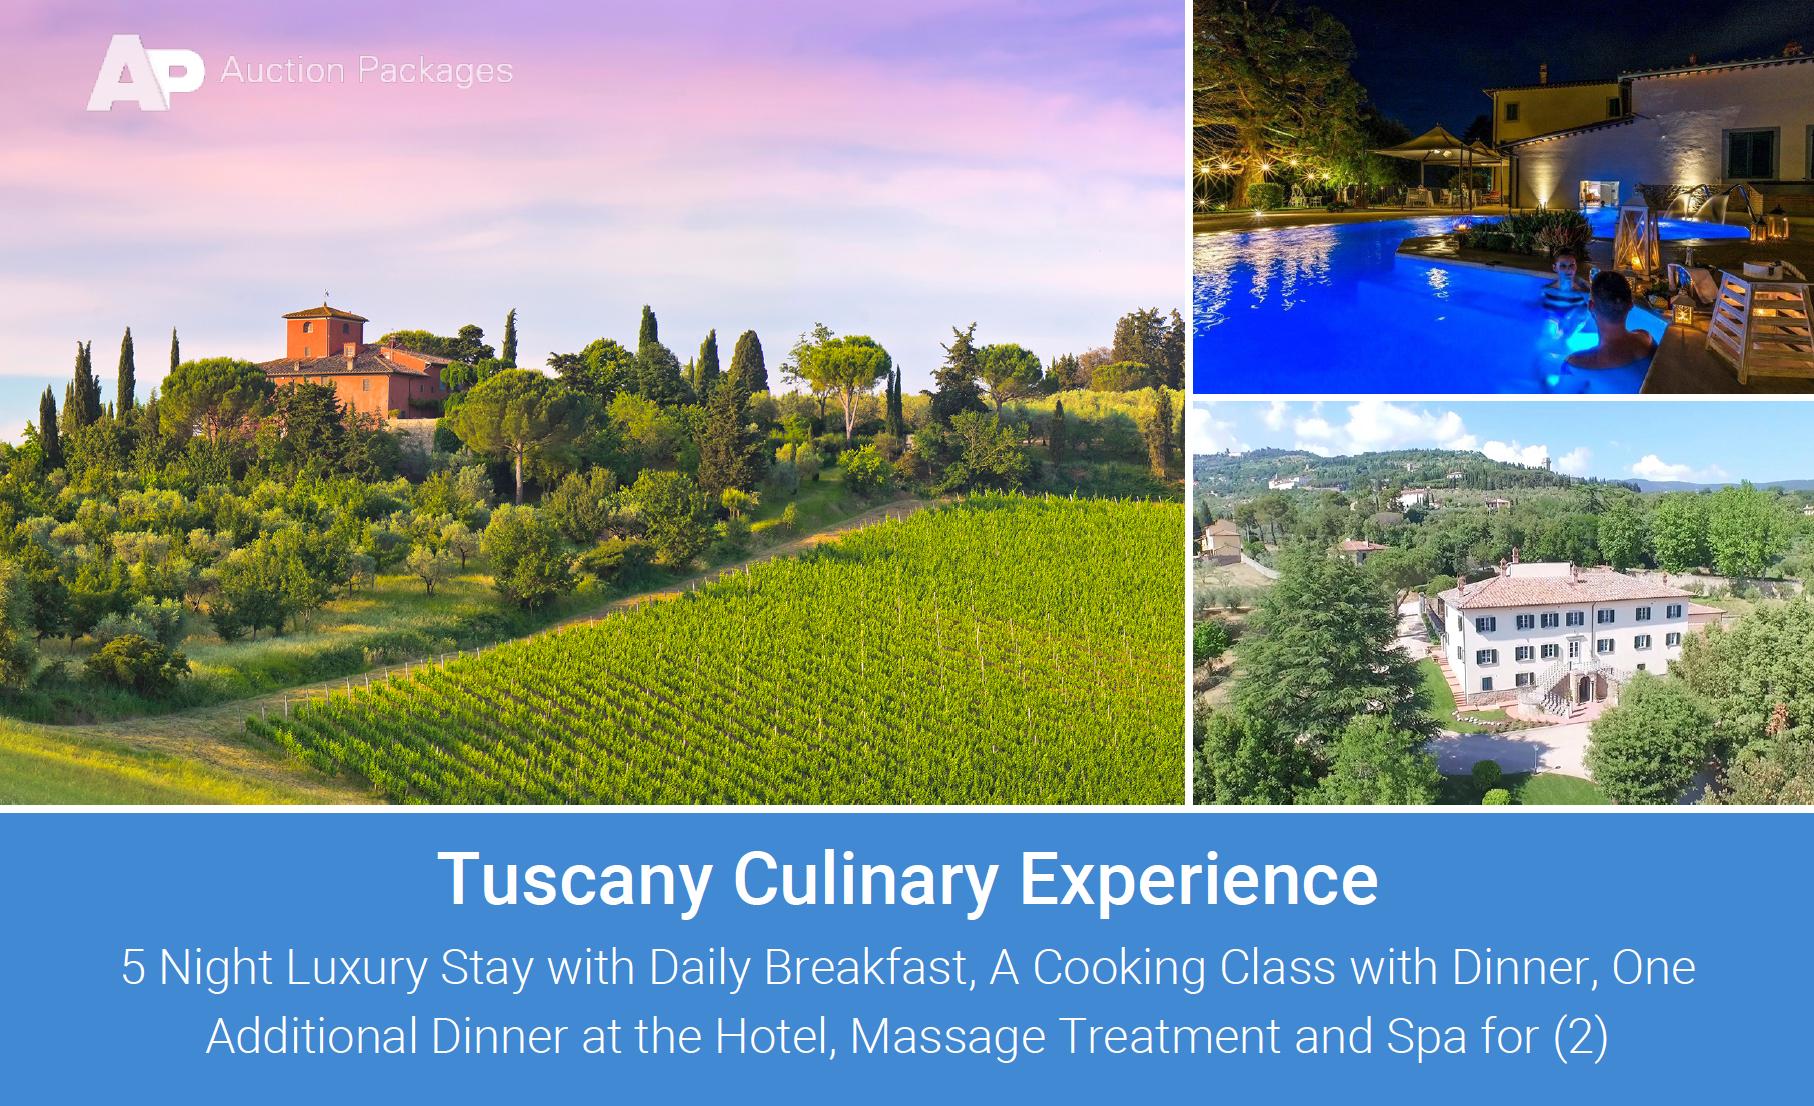 tuscany-culinary-experience.jpg